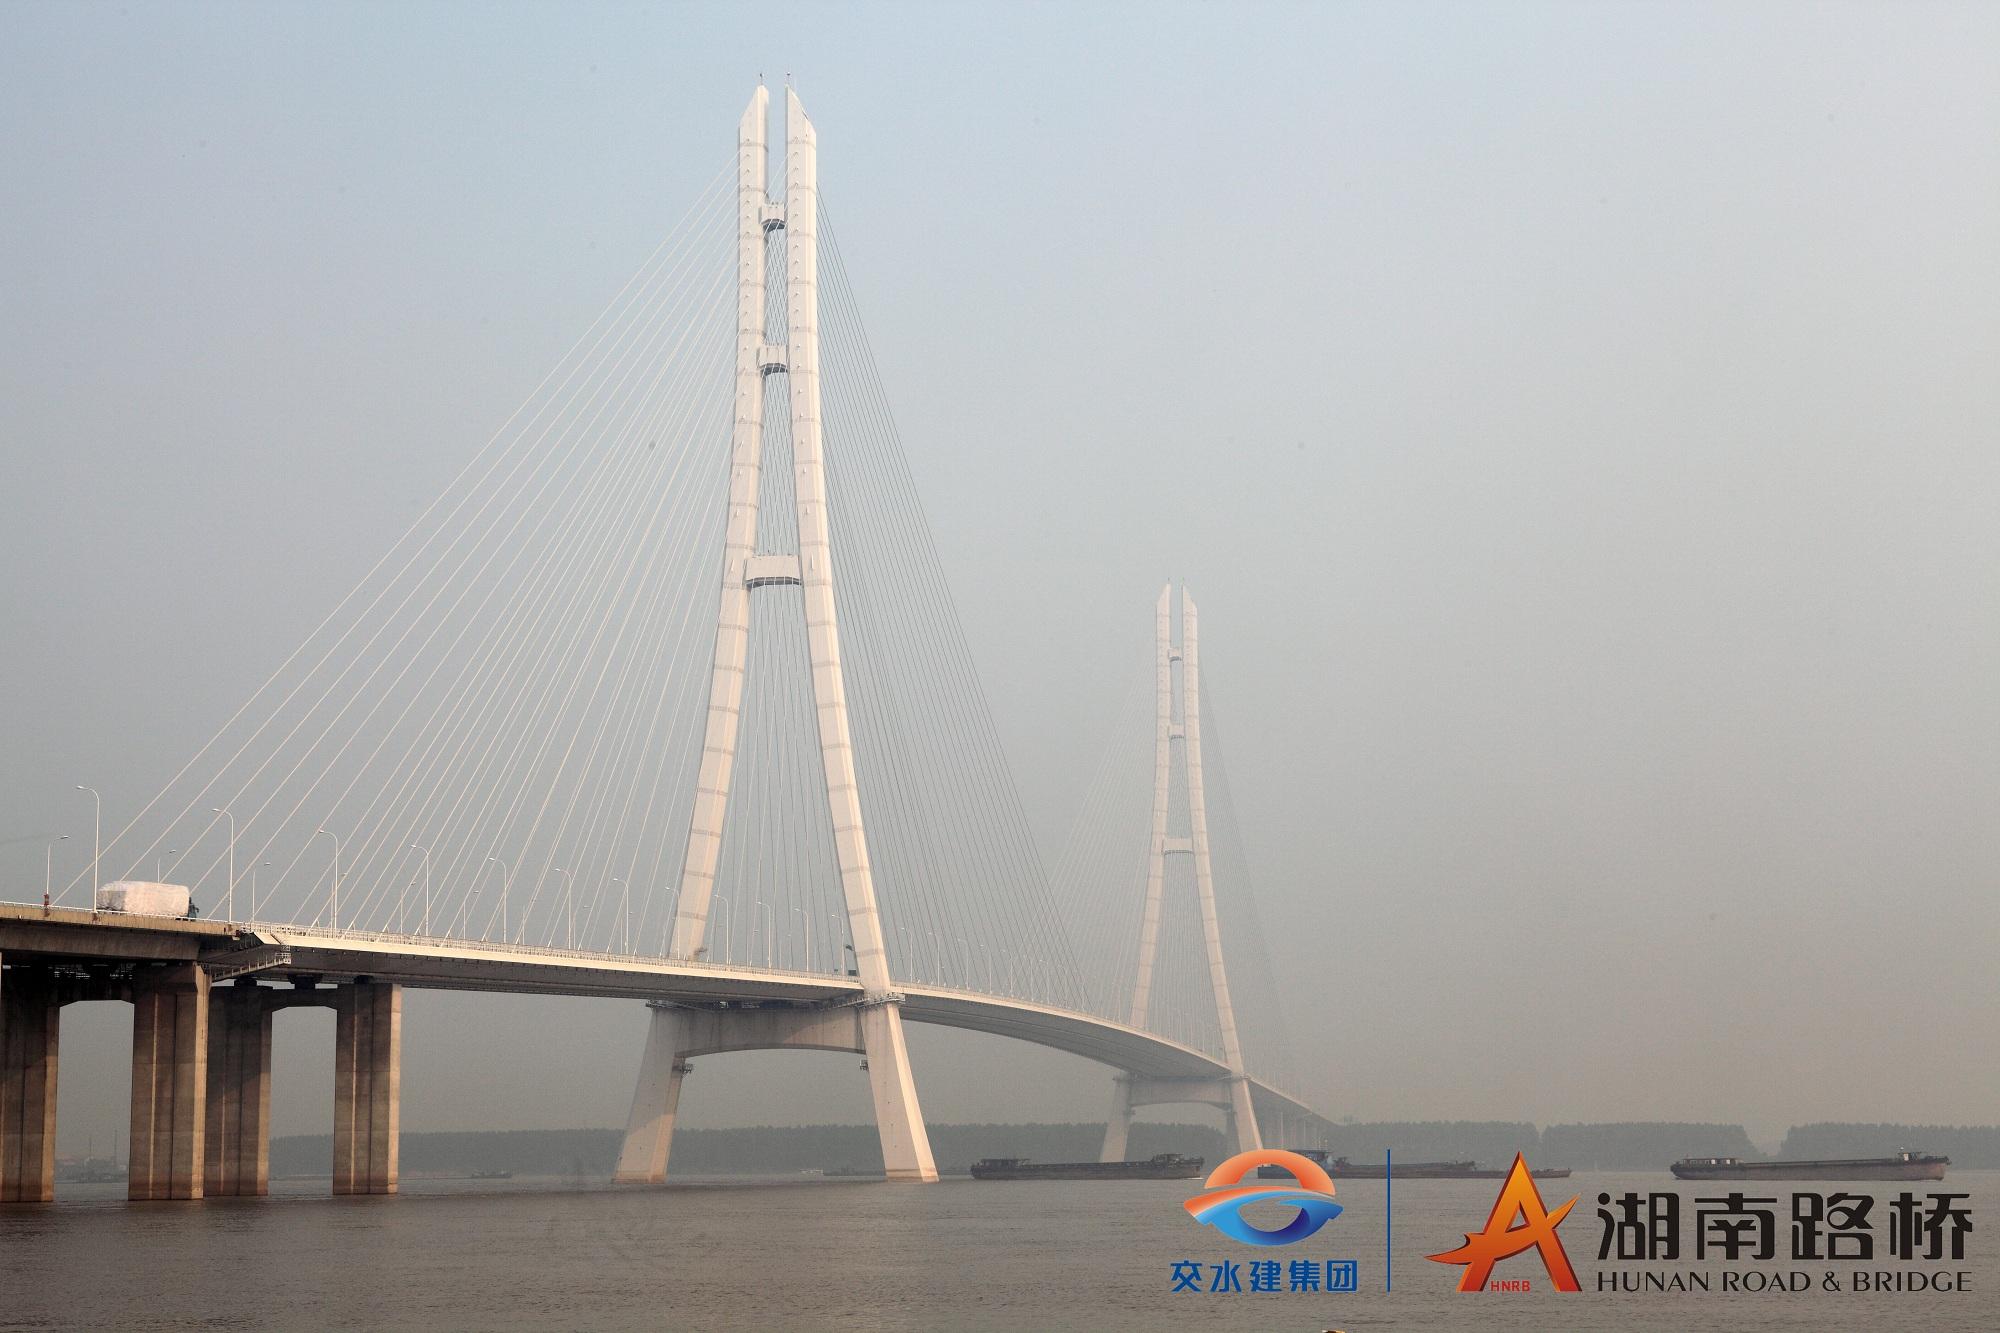 南京长江三桥 经典工程_logo.jpg